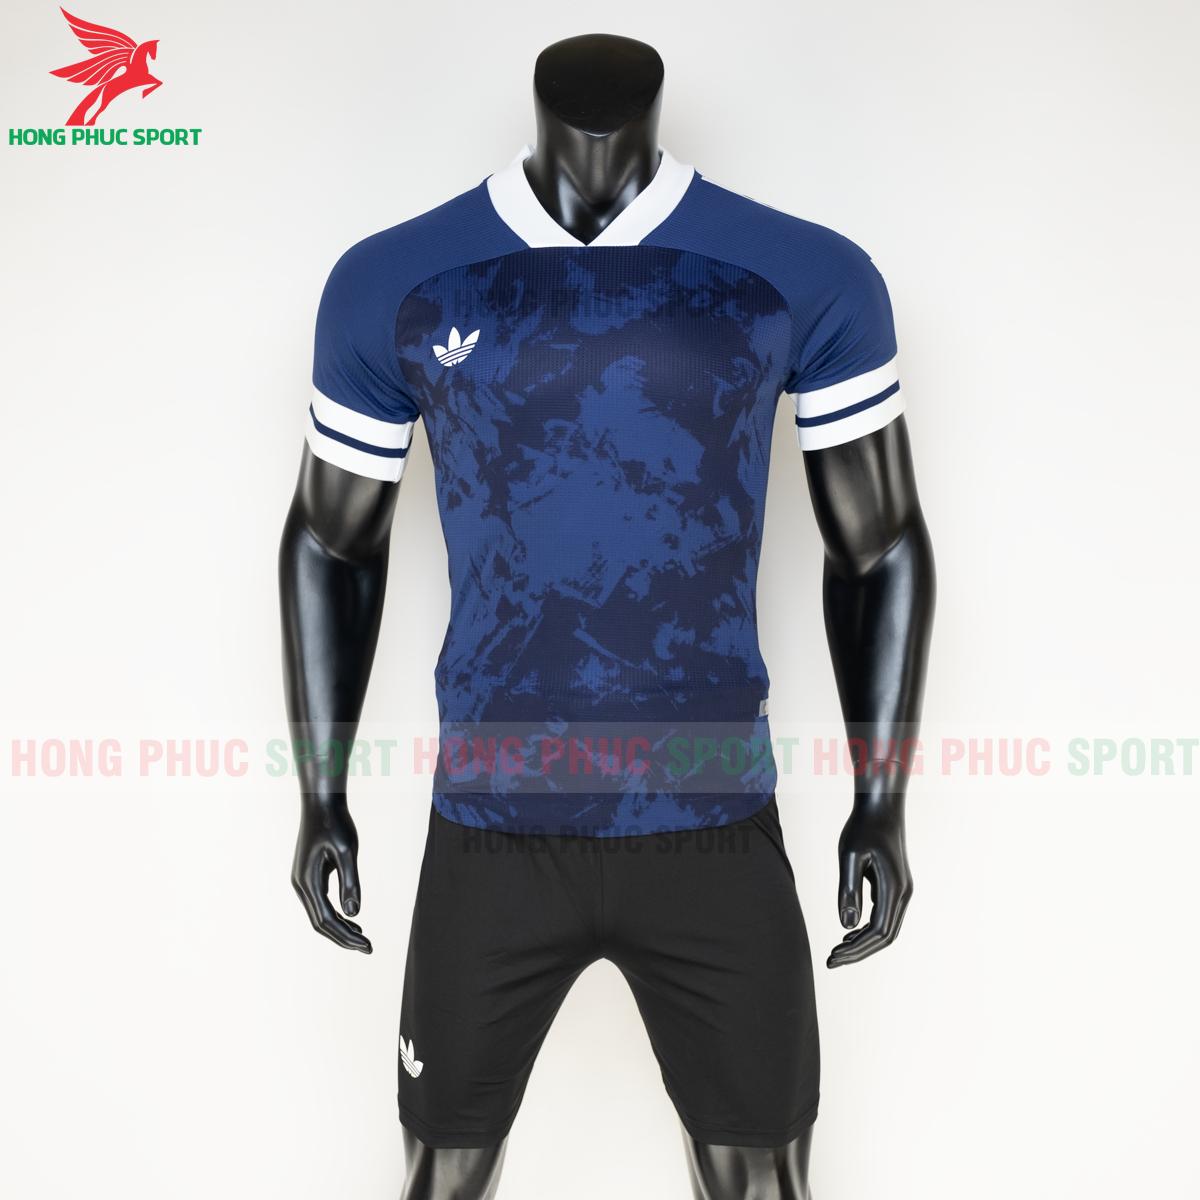 Áo đá banh không logo Condivo ba lá Adidas 2020 2021 mẫu 1 (trước)